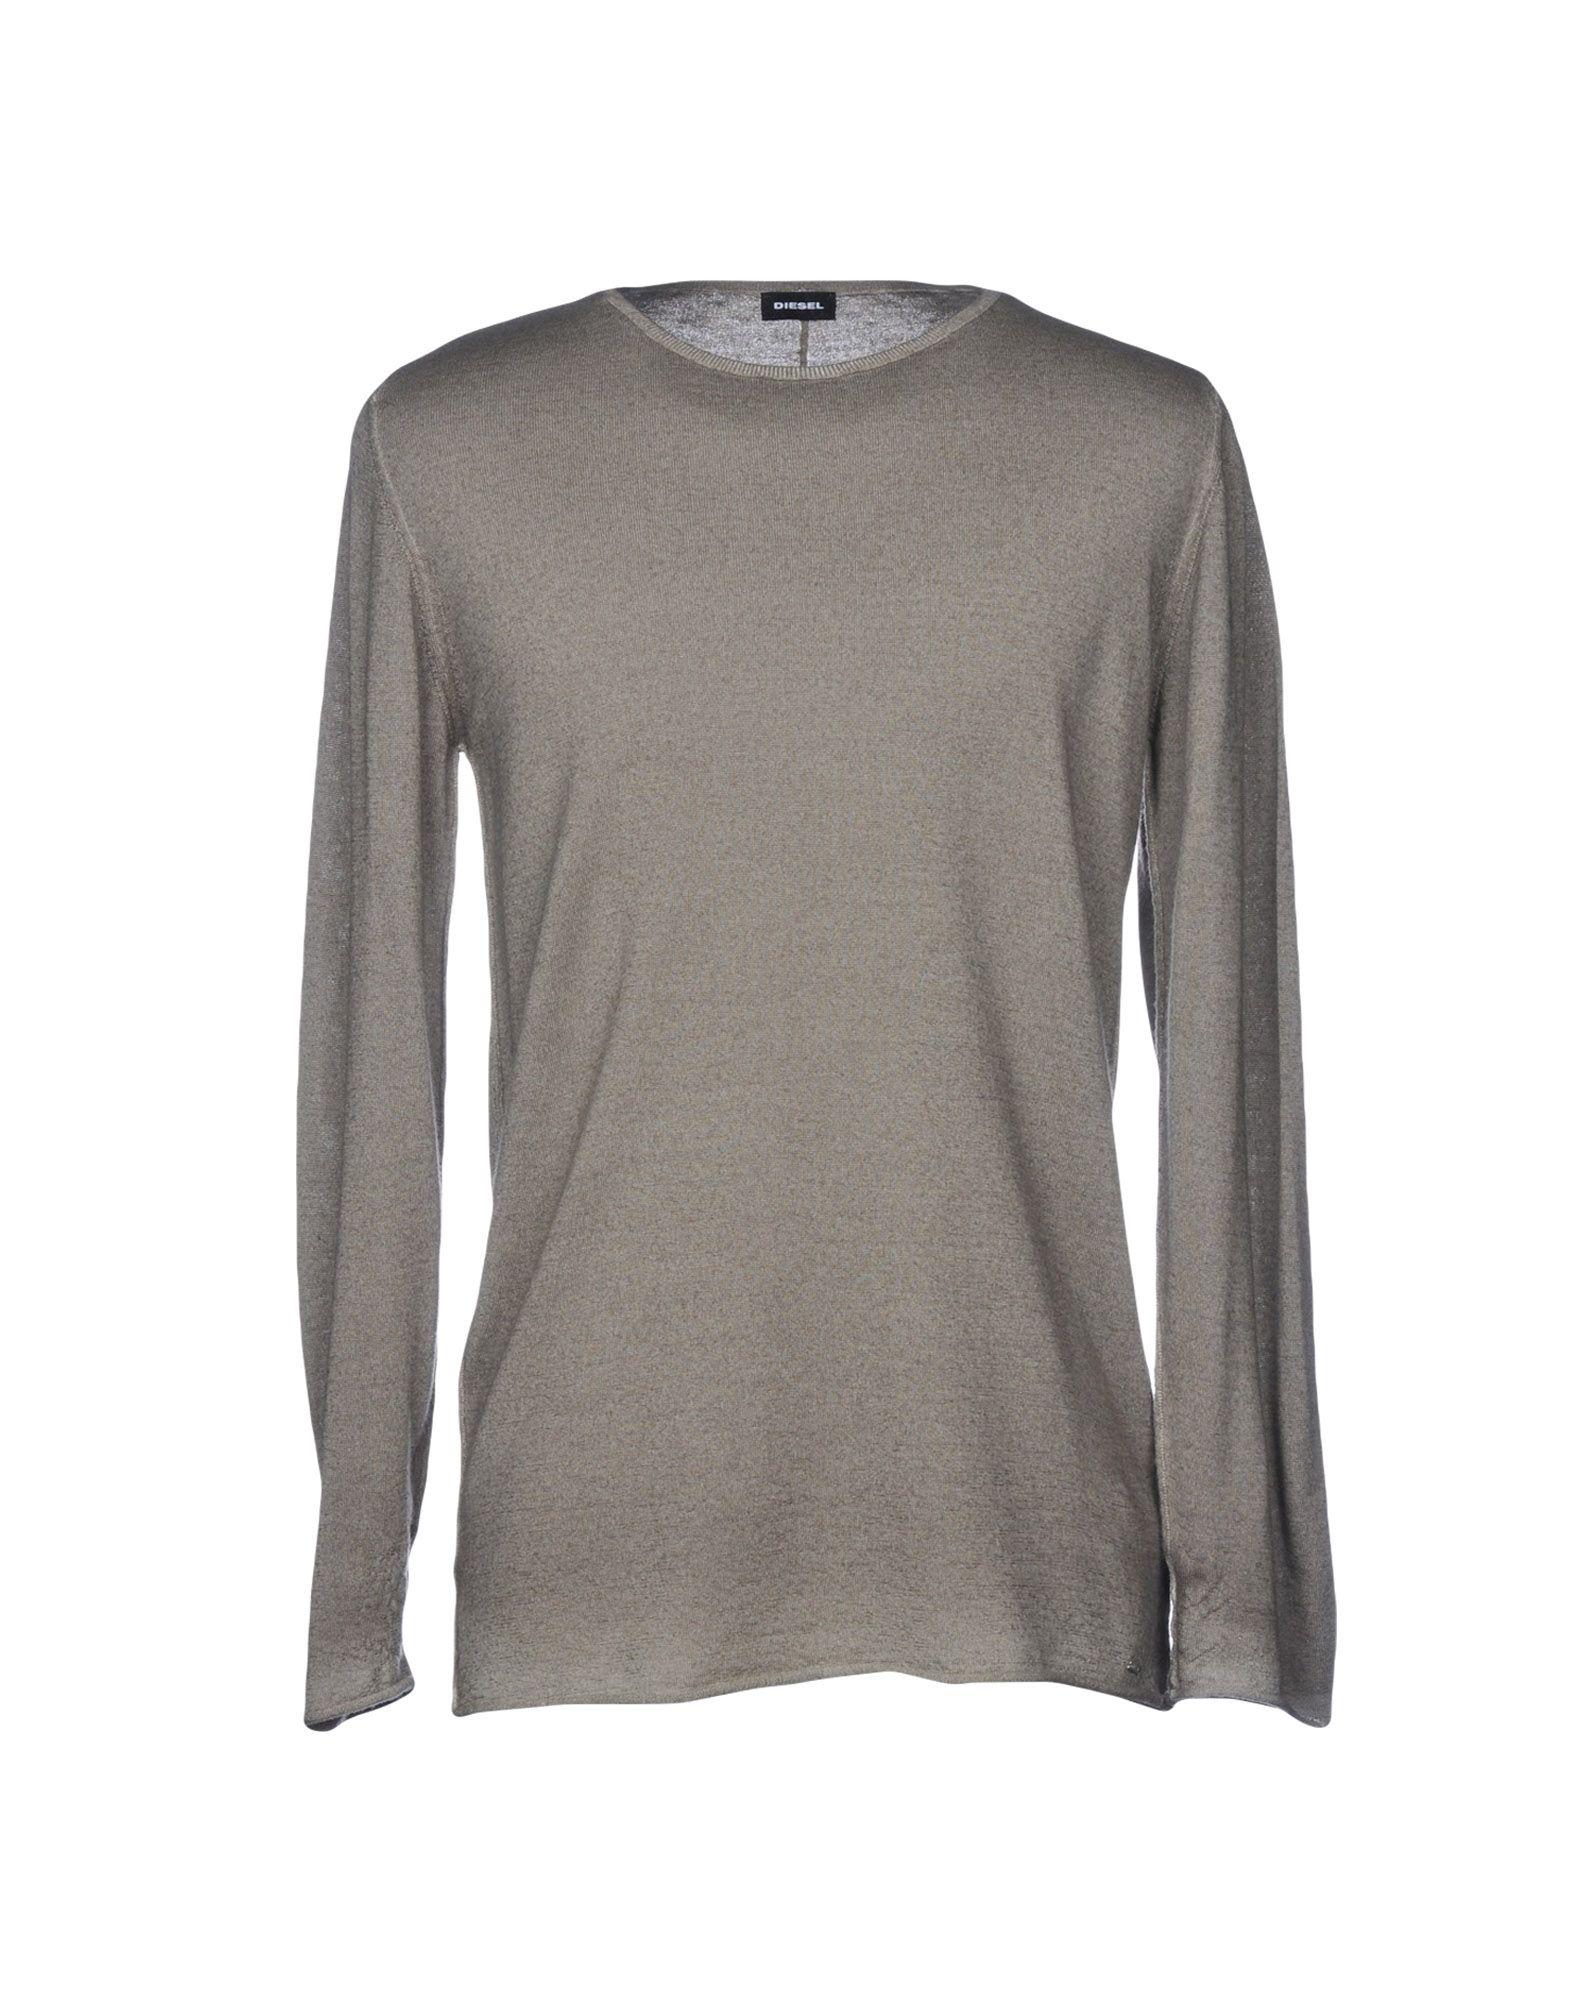 DIESEL Sweaters - Item 39868800